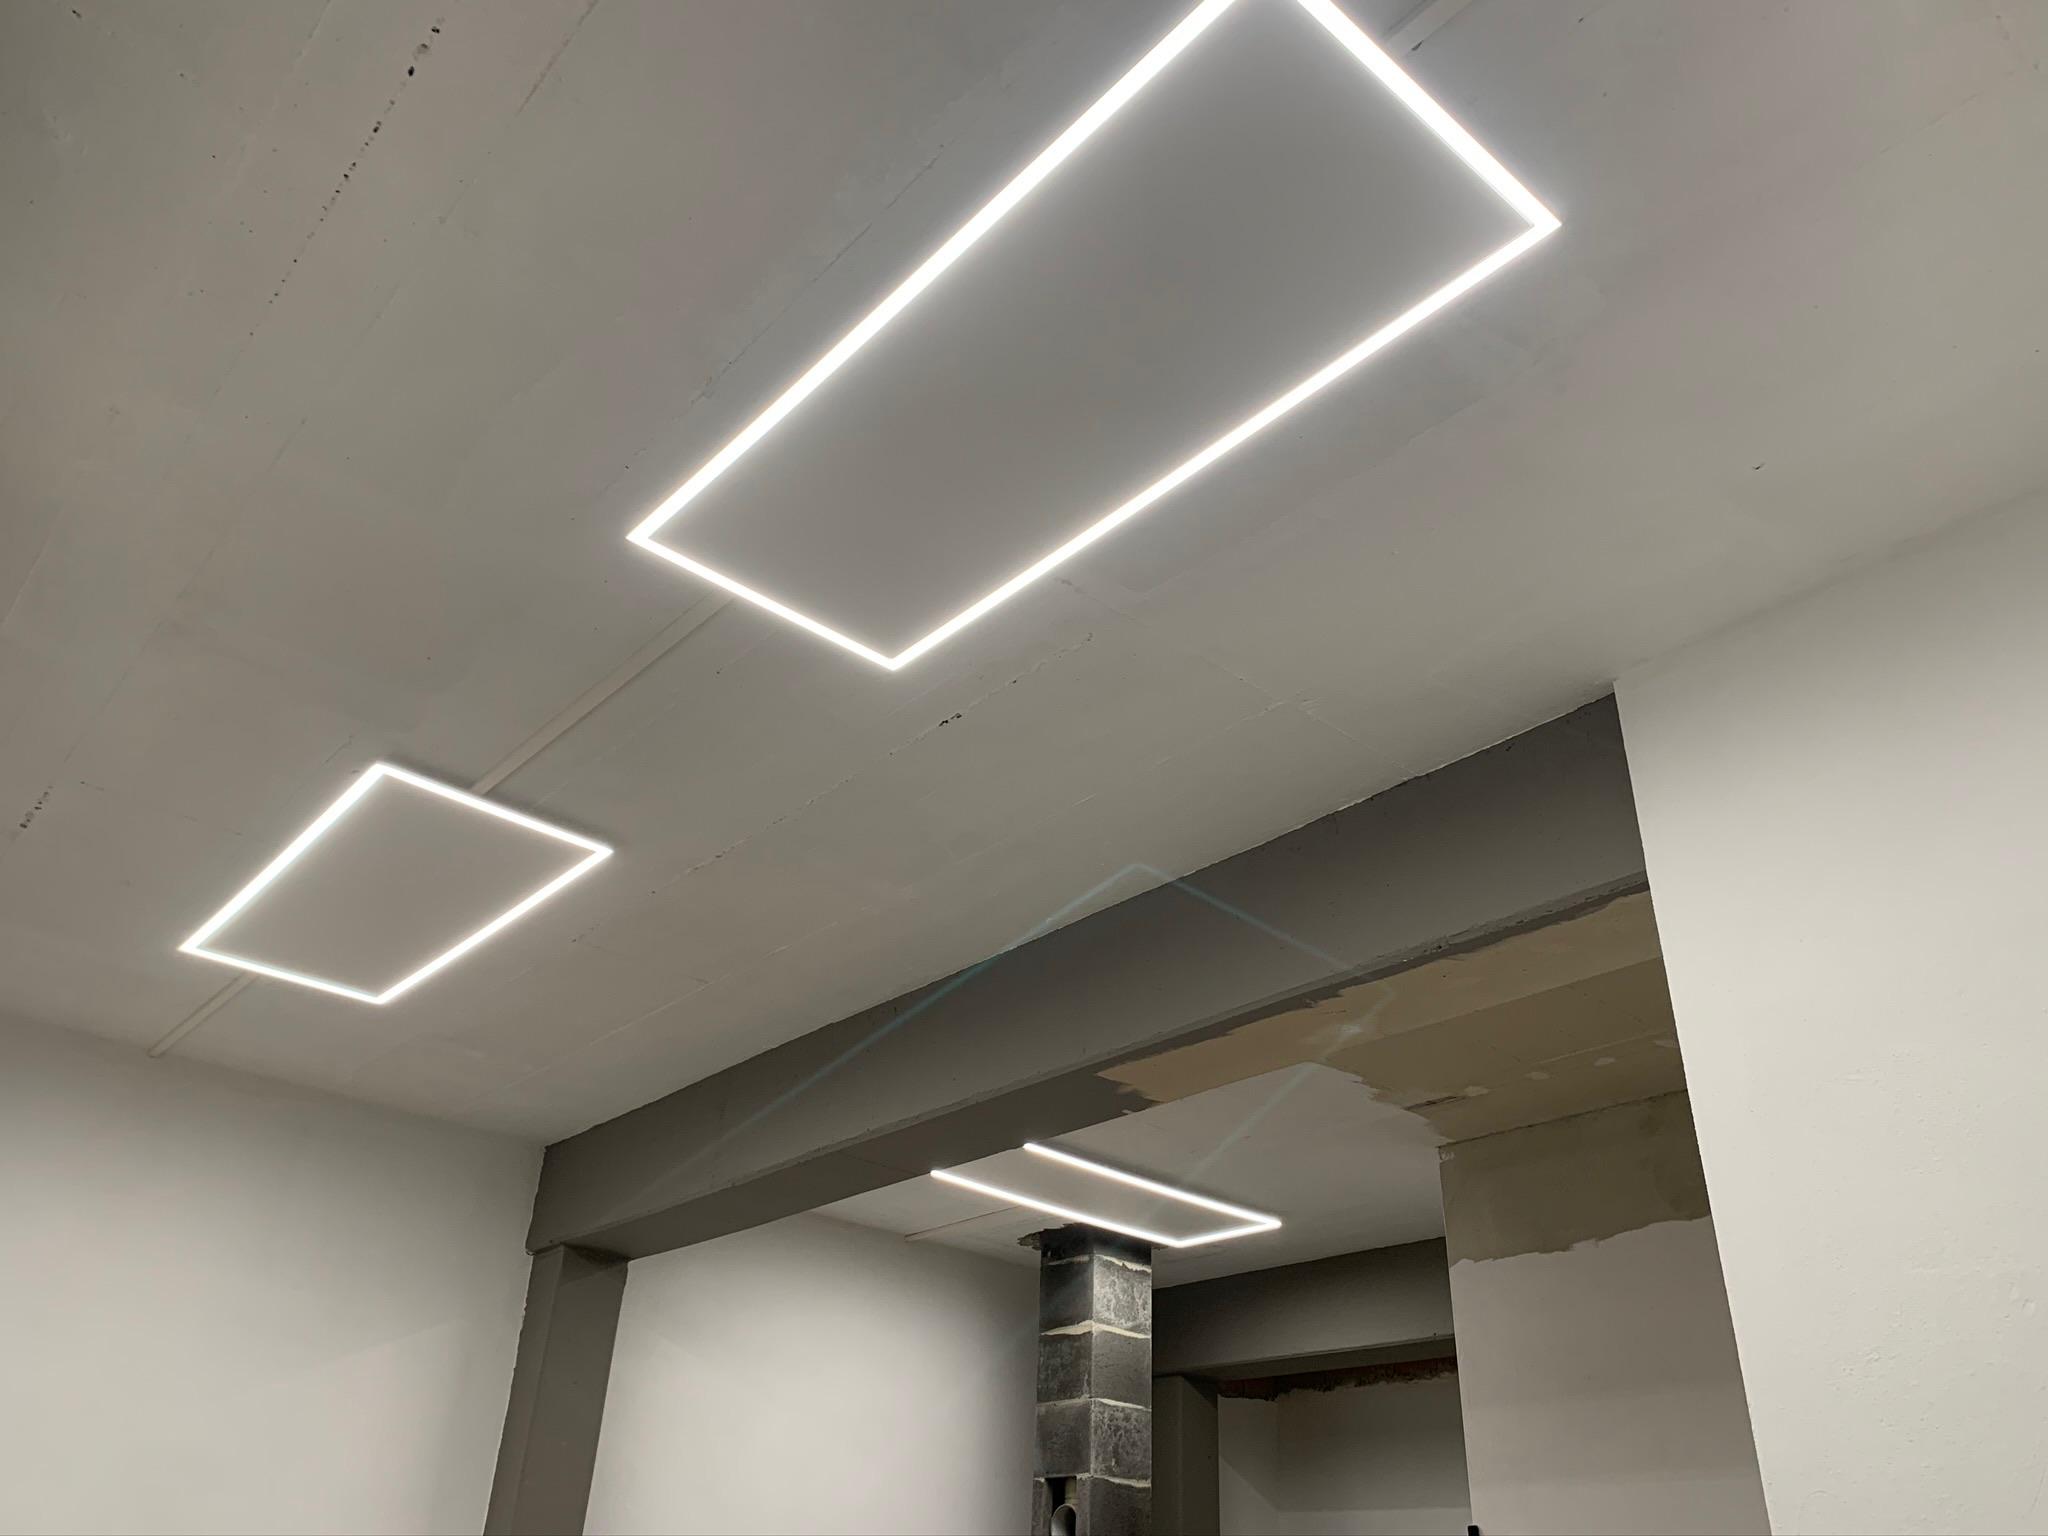 eine Infrarotheizung mit LED Rahmen an der Decke